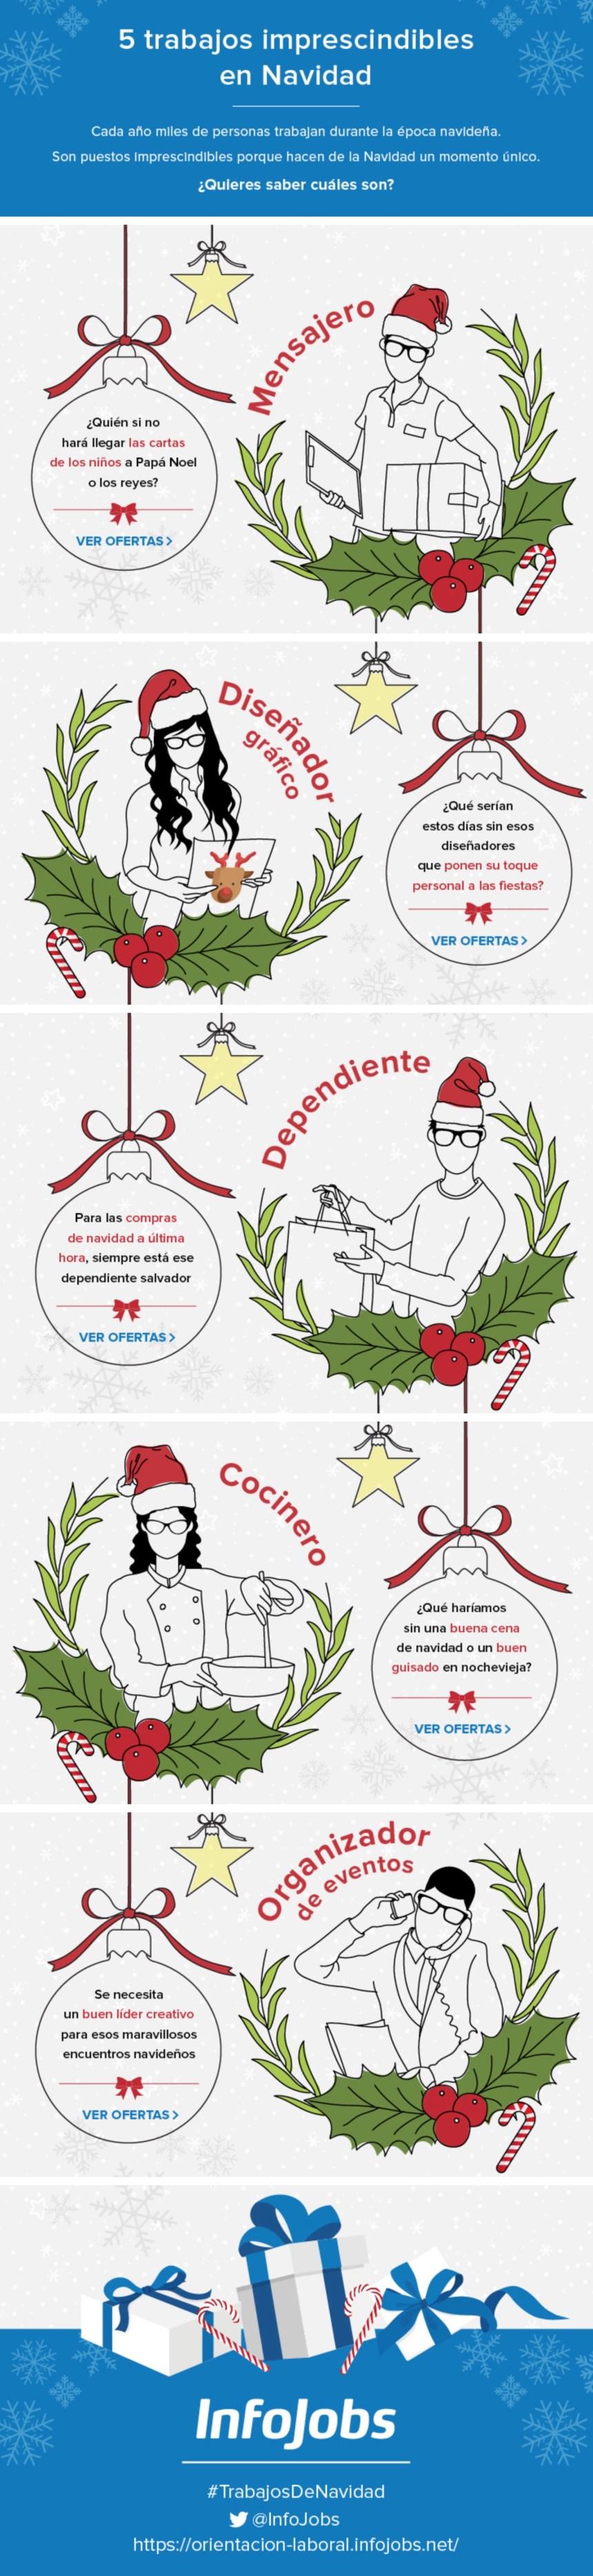 5 trabajos imprescindibles en Navidad